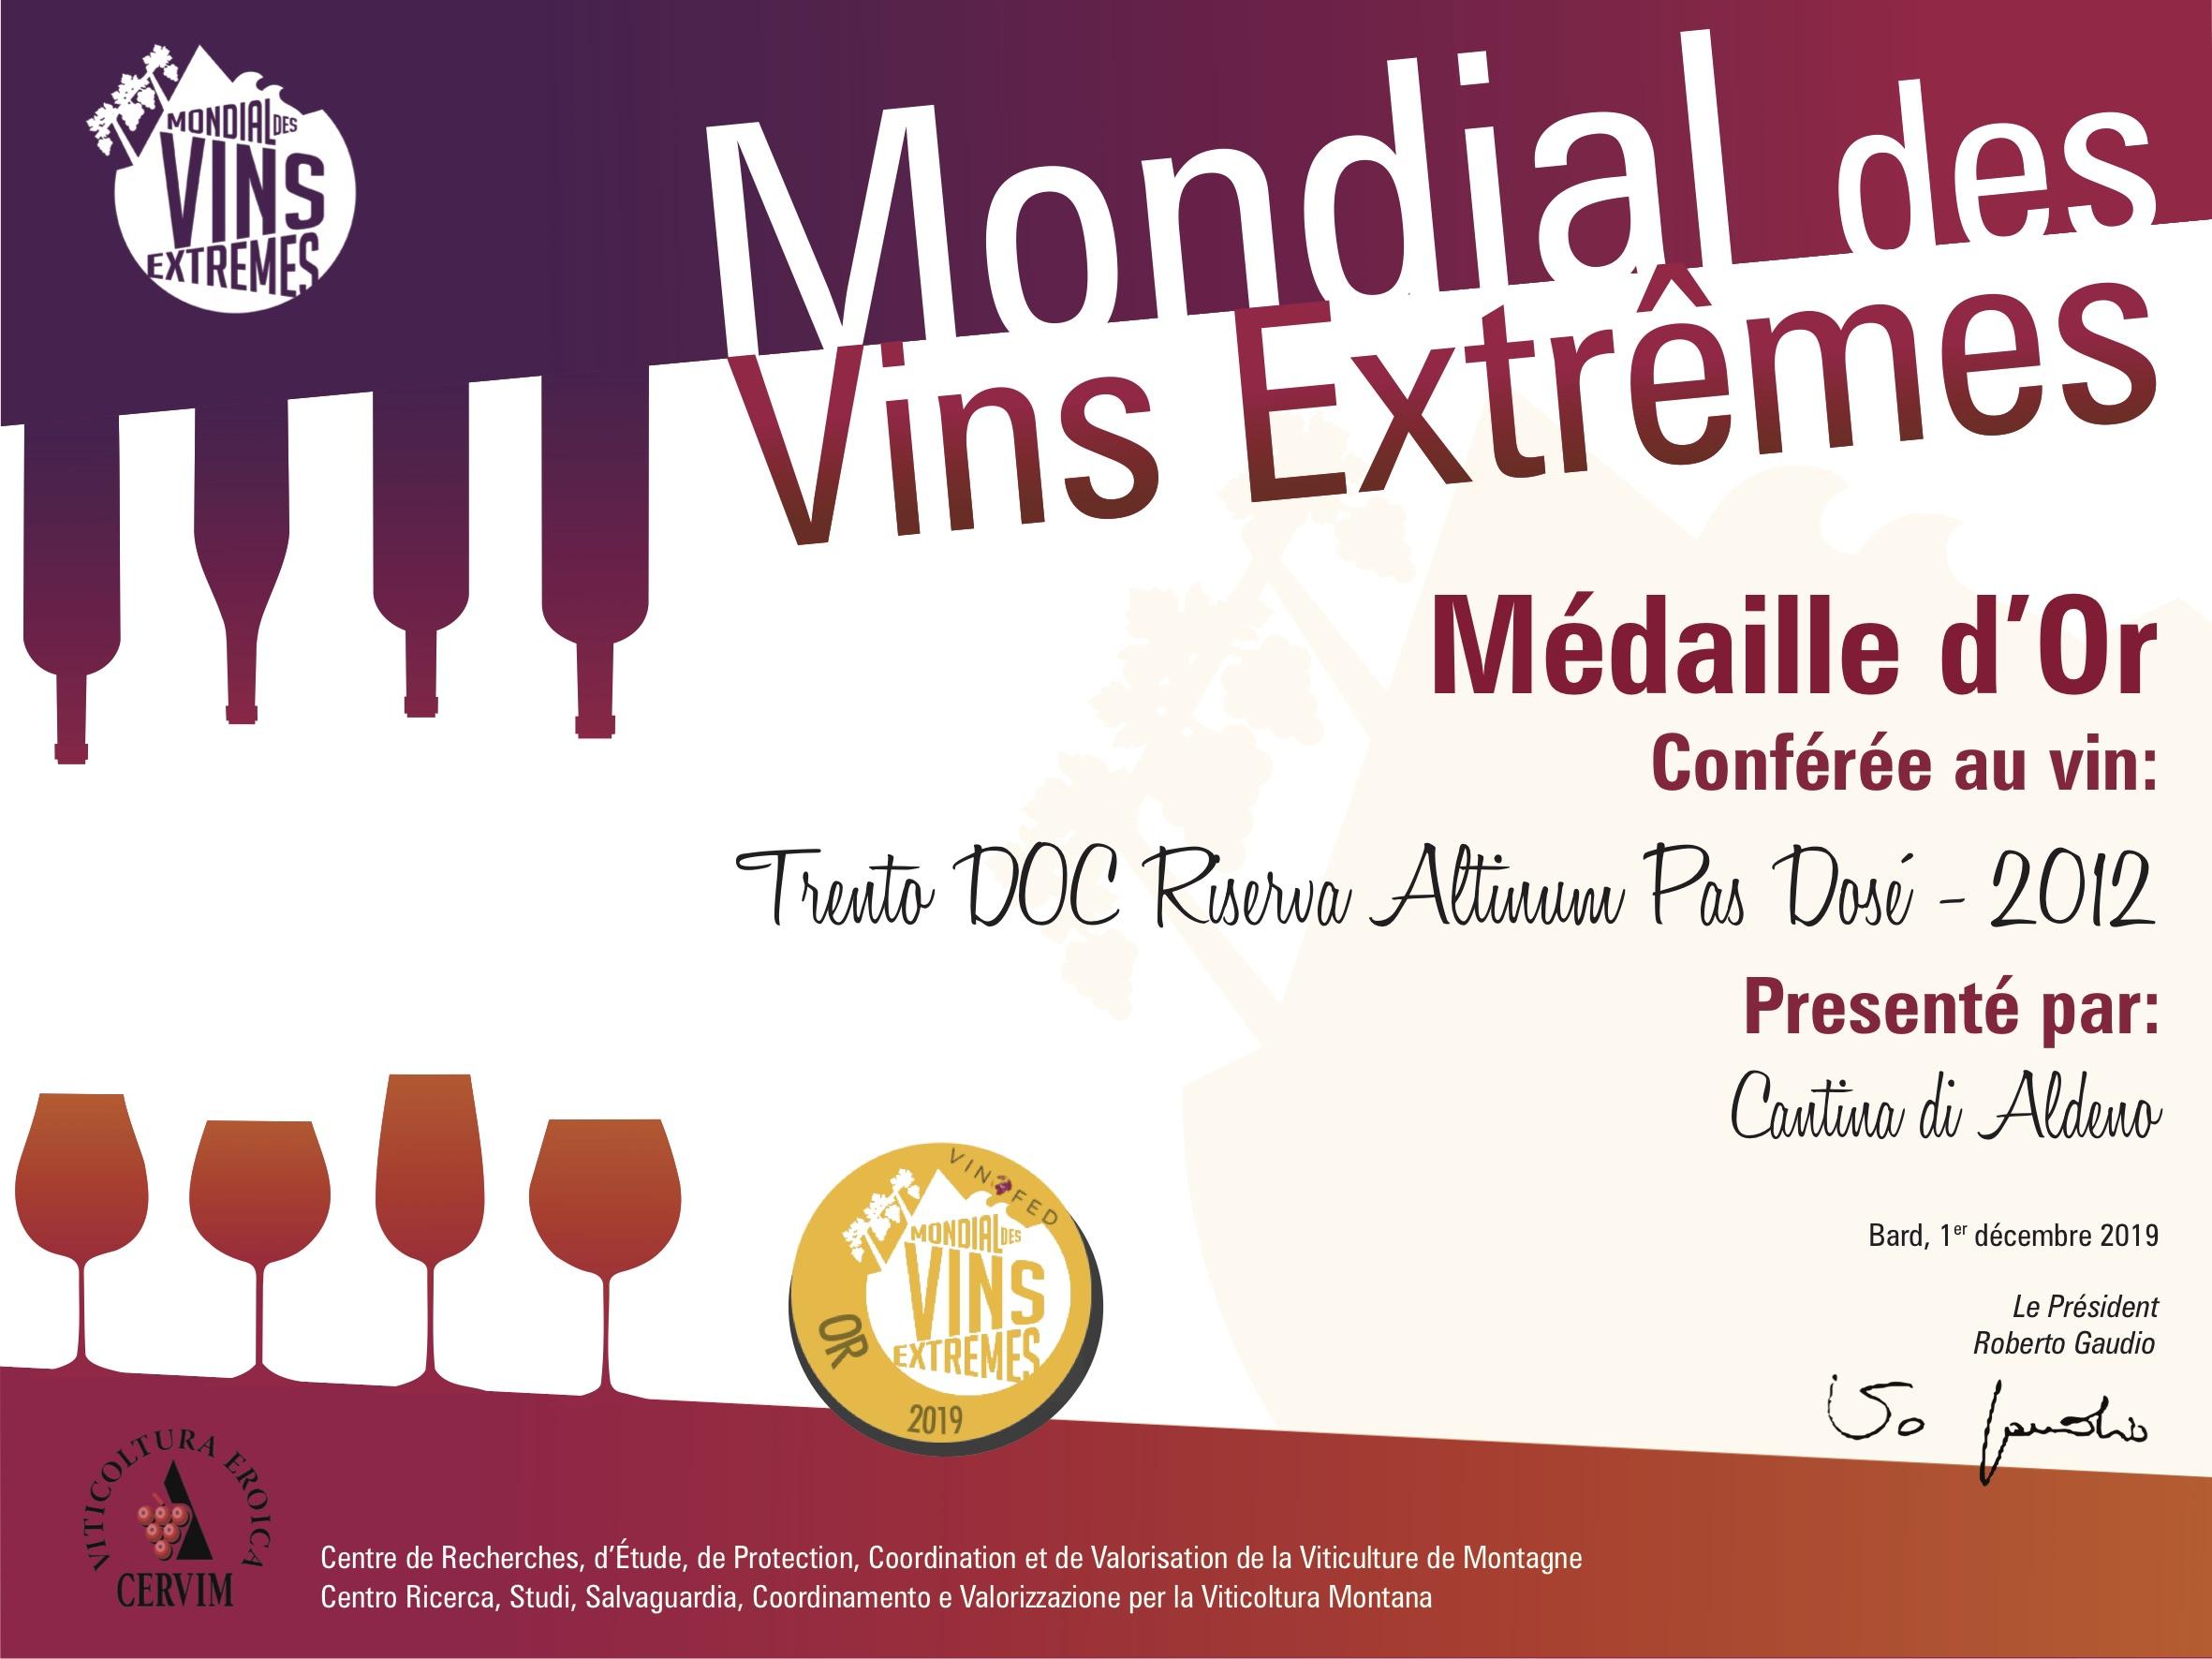 Mondial Des Vins Extremes – Quattro Medaglie D'Oro Per I Vini Della Cantina Aldeno